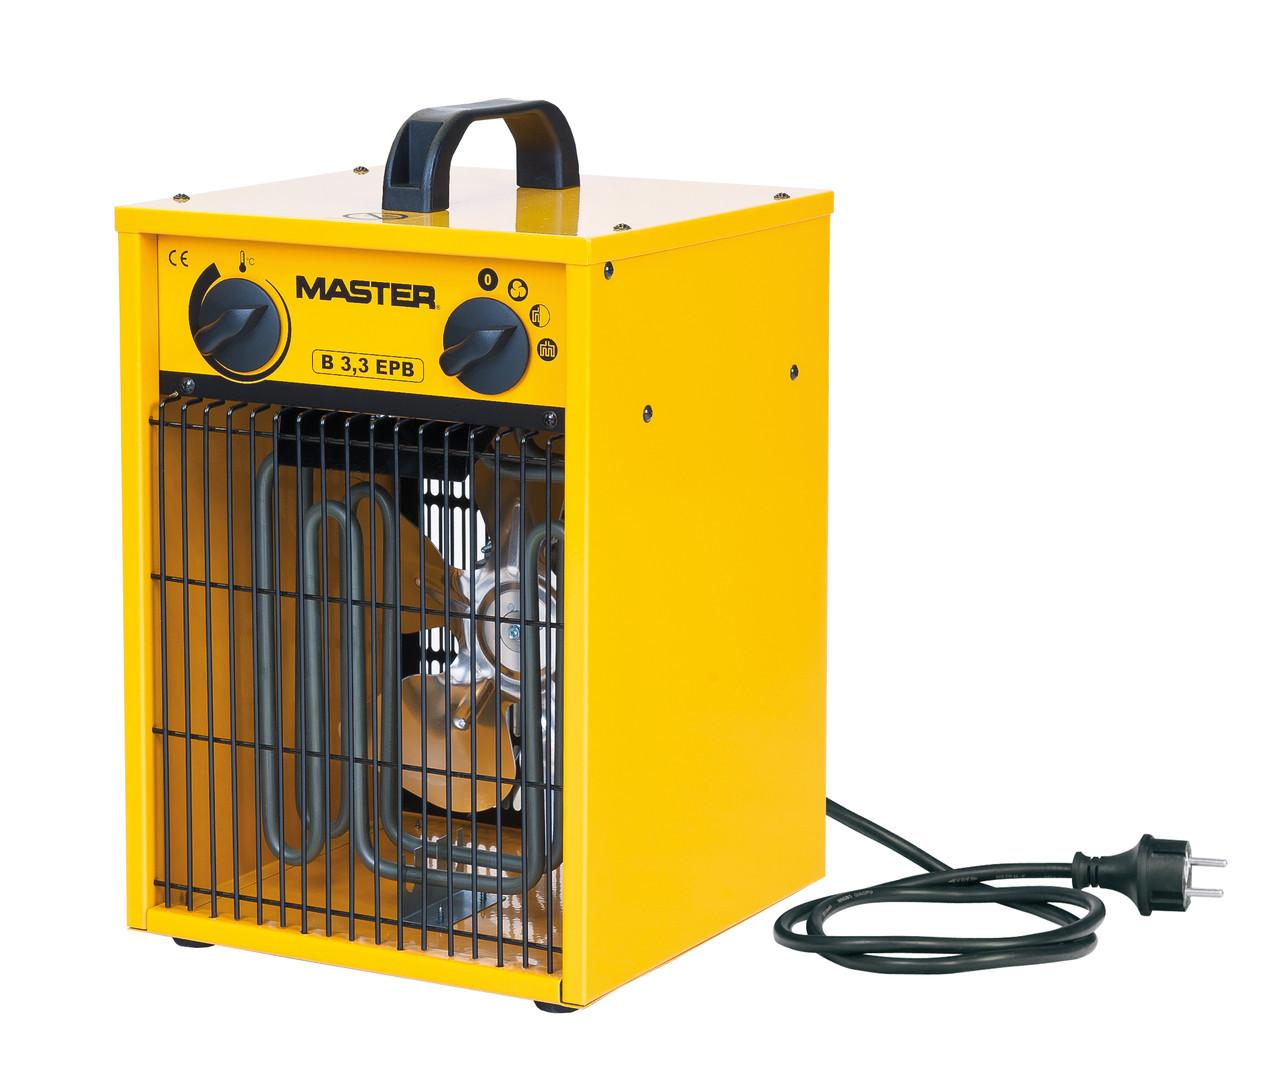 Тепловой нагреватель MASTER B 3.3 EPB